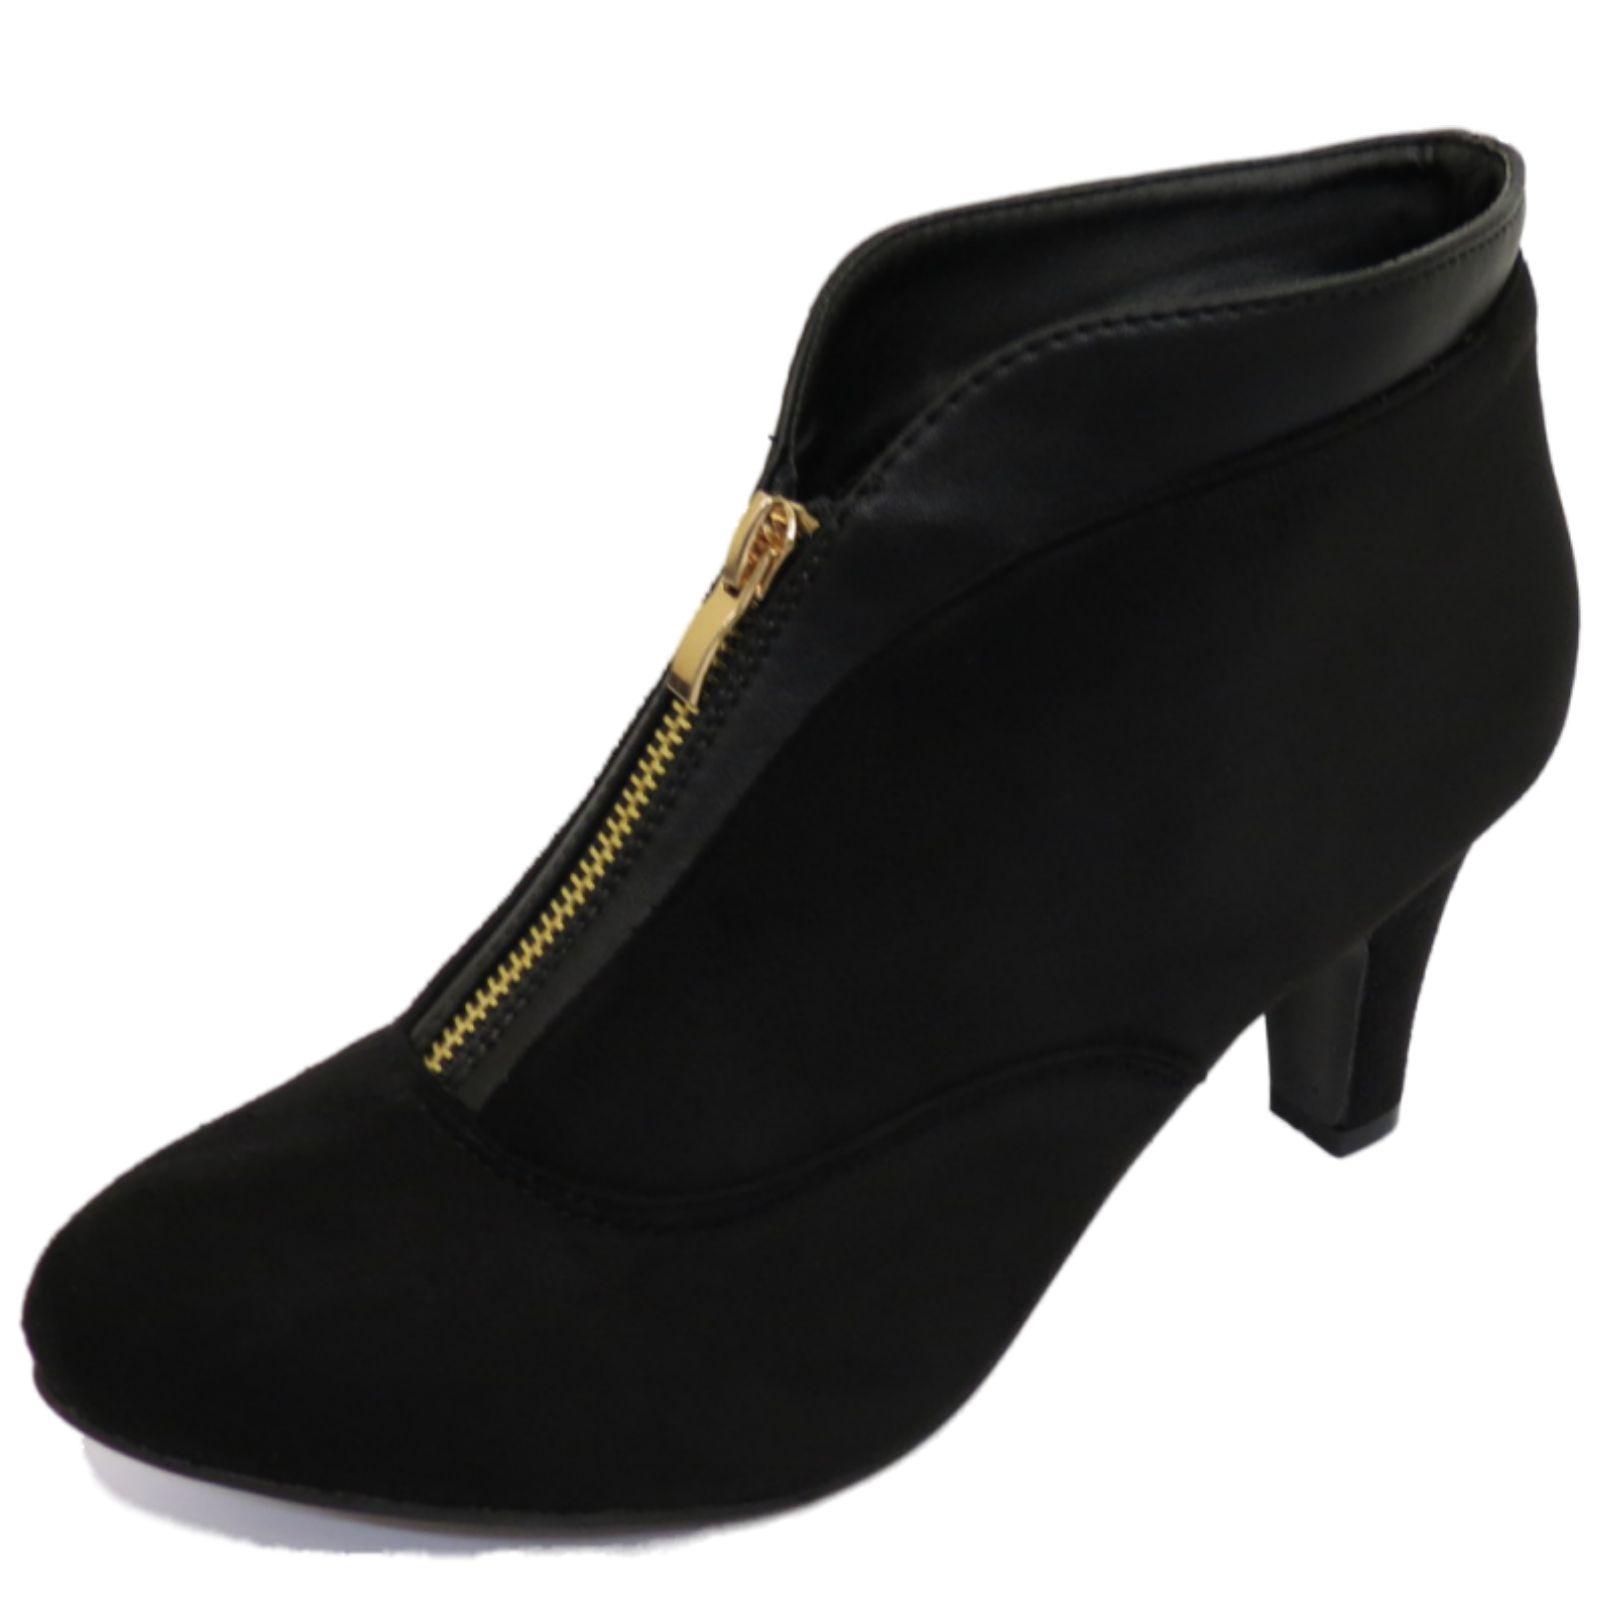 Black Kitten Heel Shoes Size